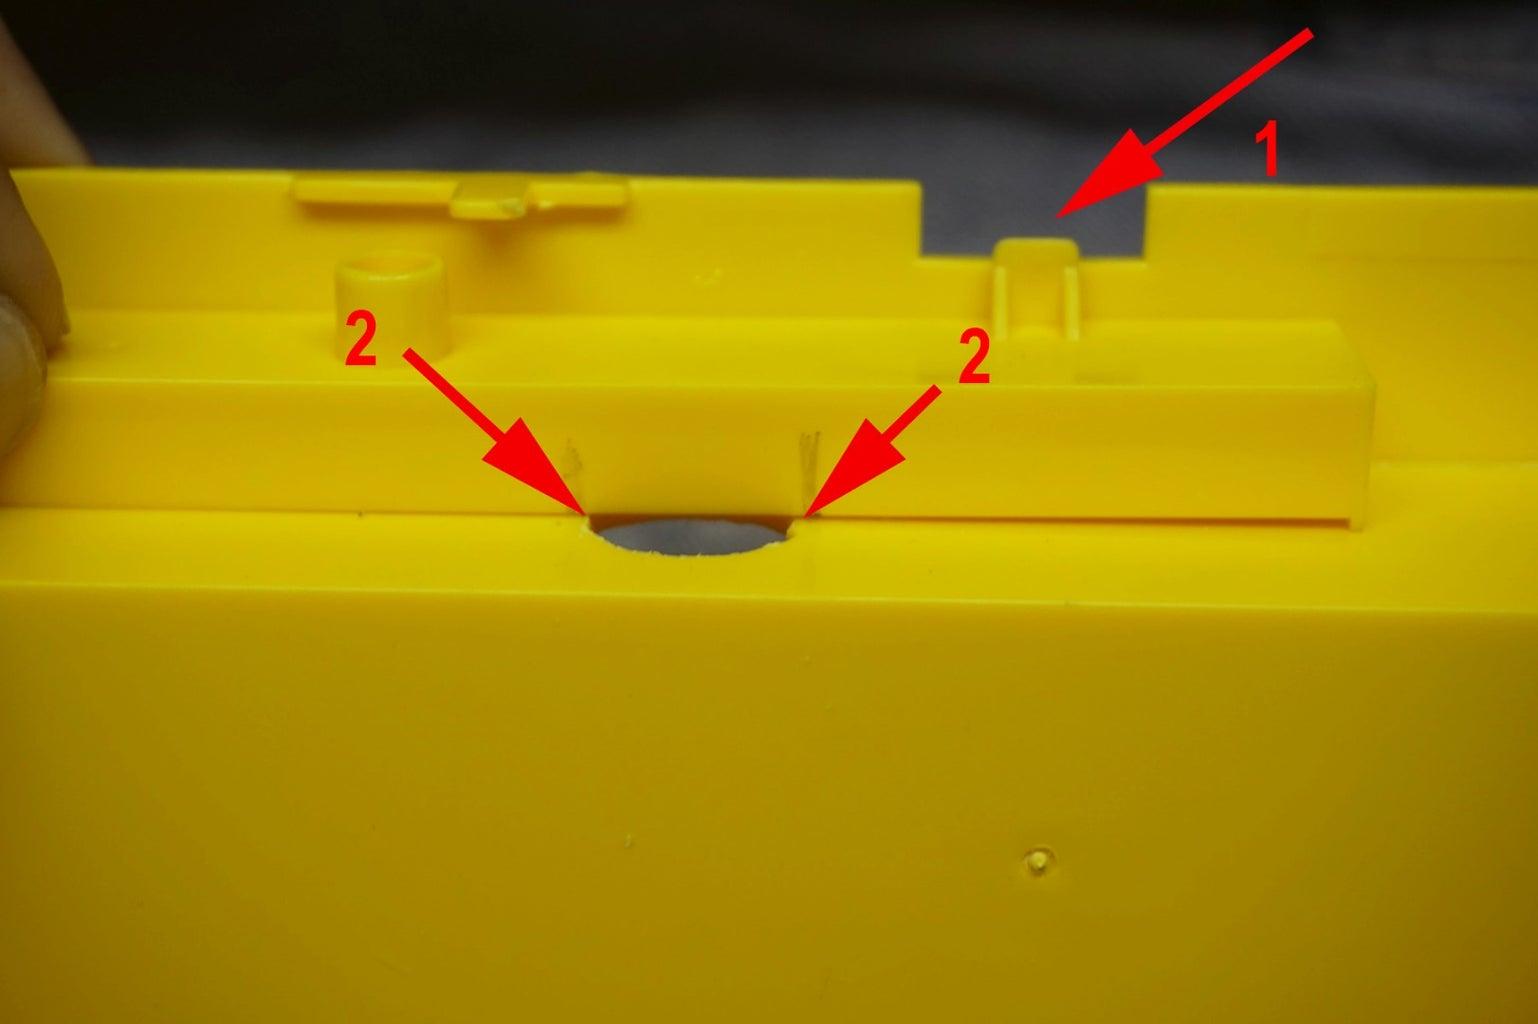 Modify the Door Release Bar